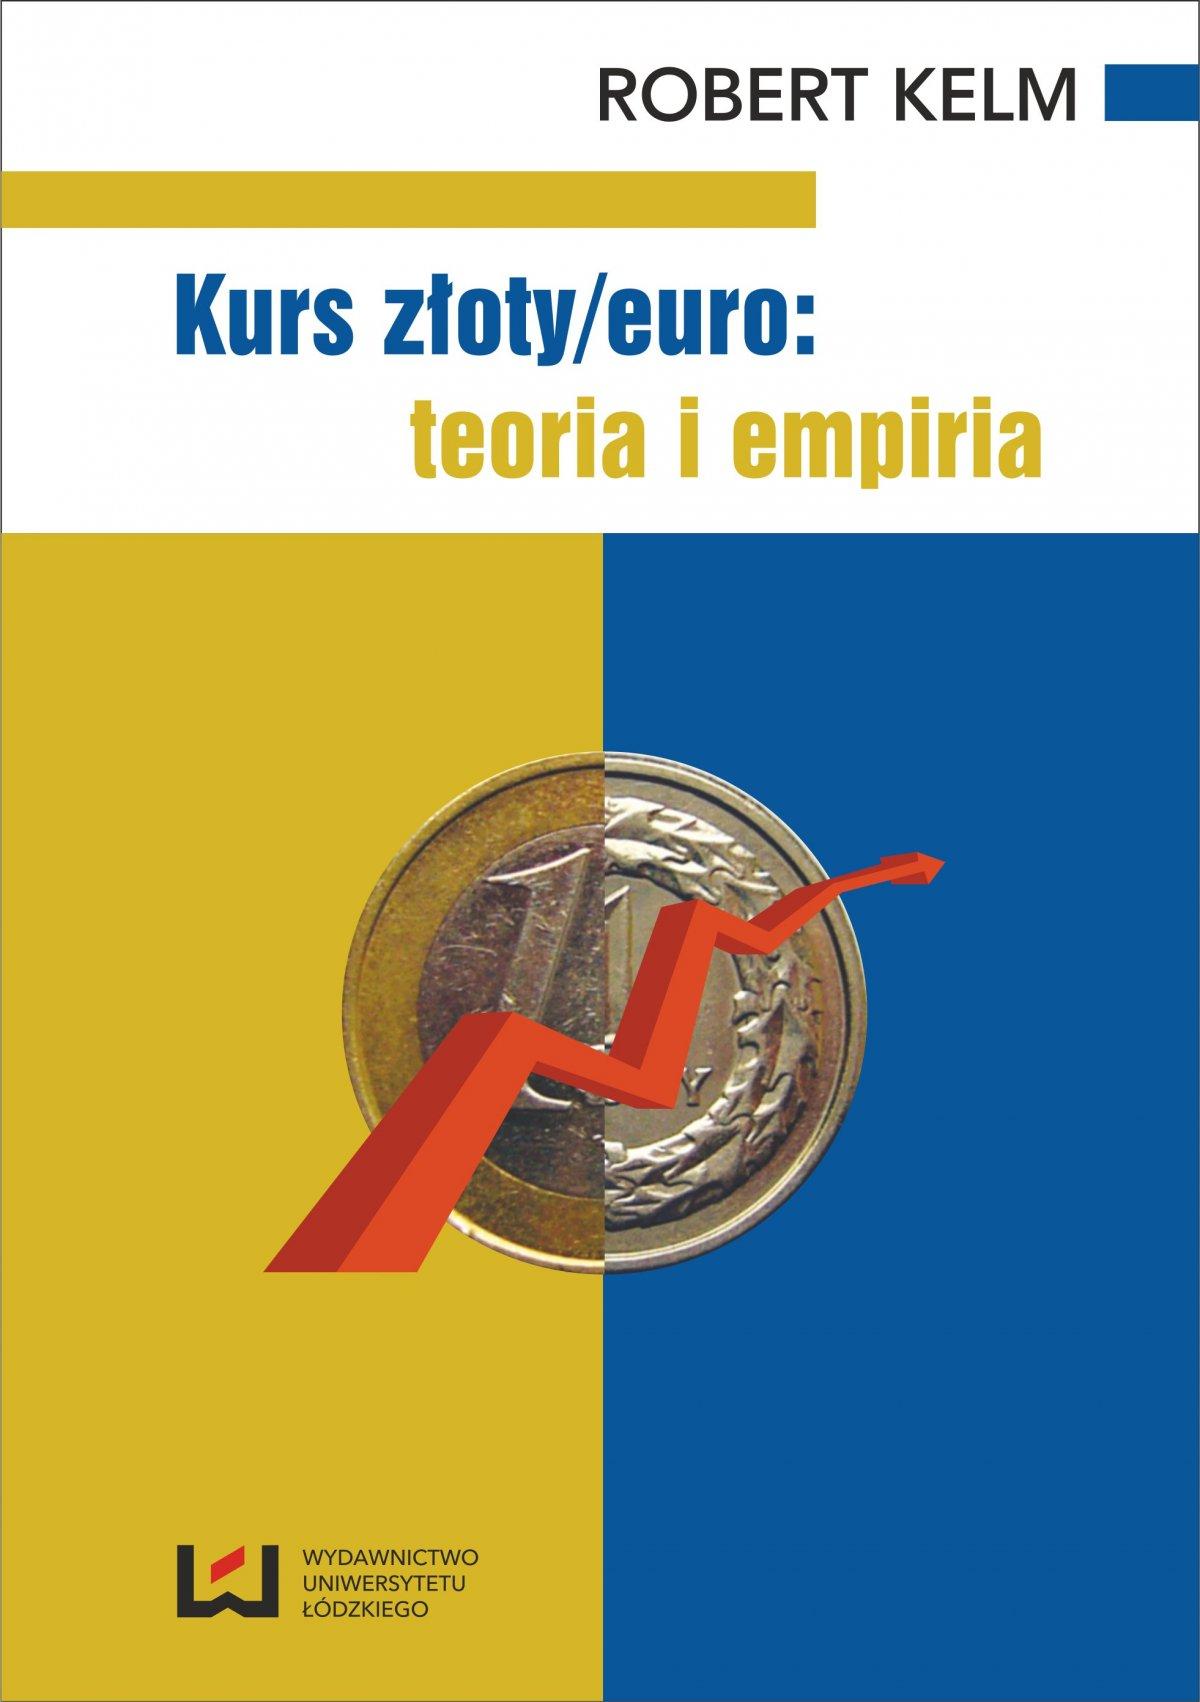 Kurs złoty/euro: teoria i empiria - Ebook (Książka PDF) do pobrania w formacie PDF